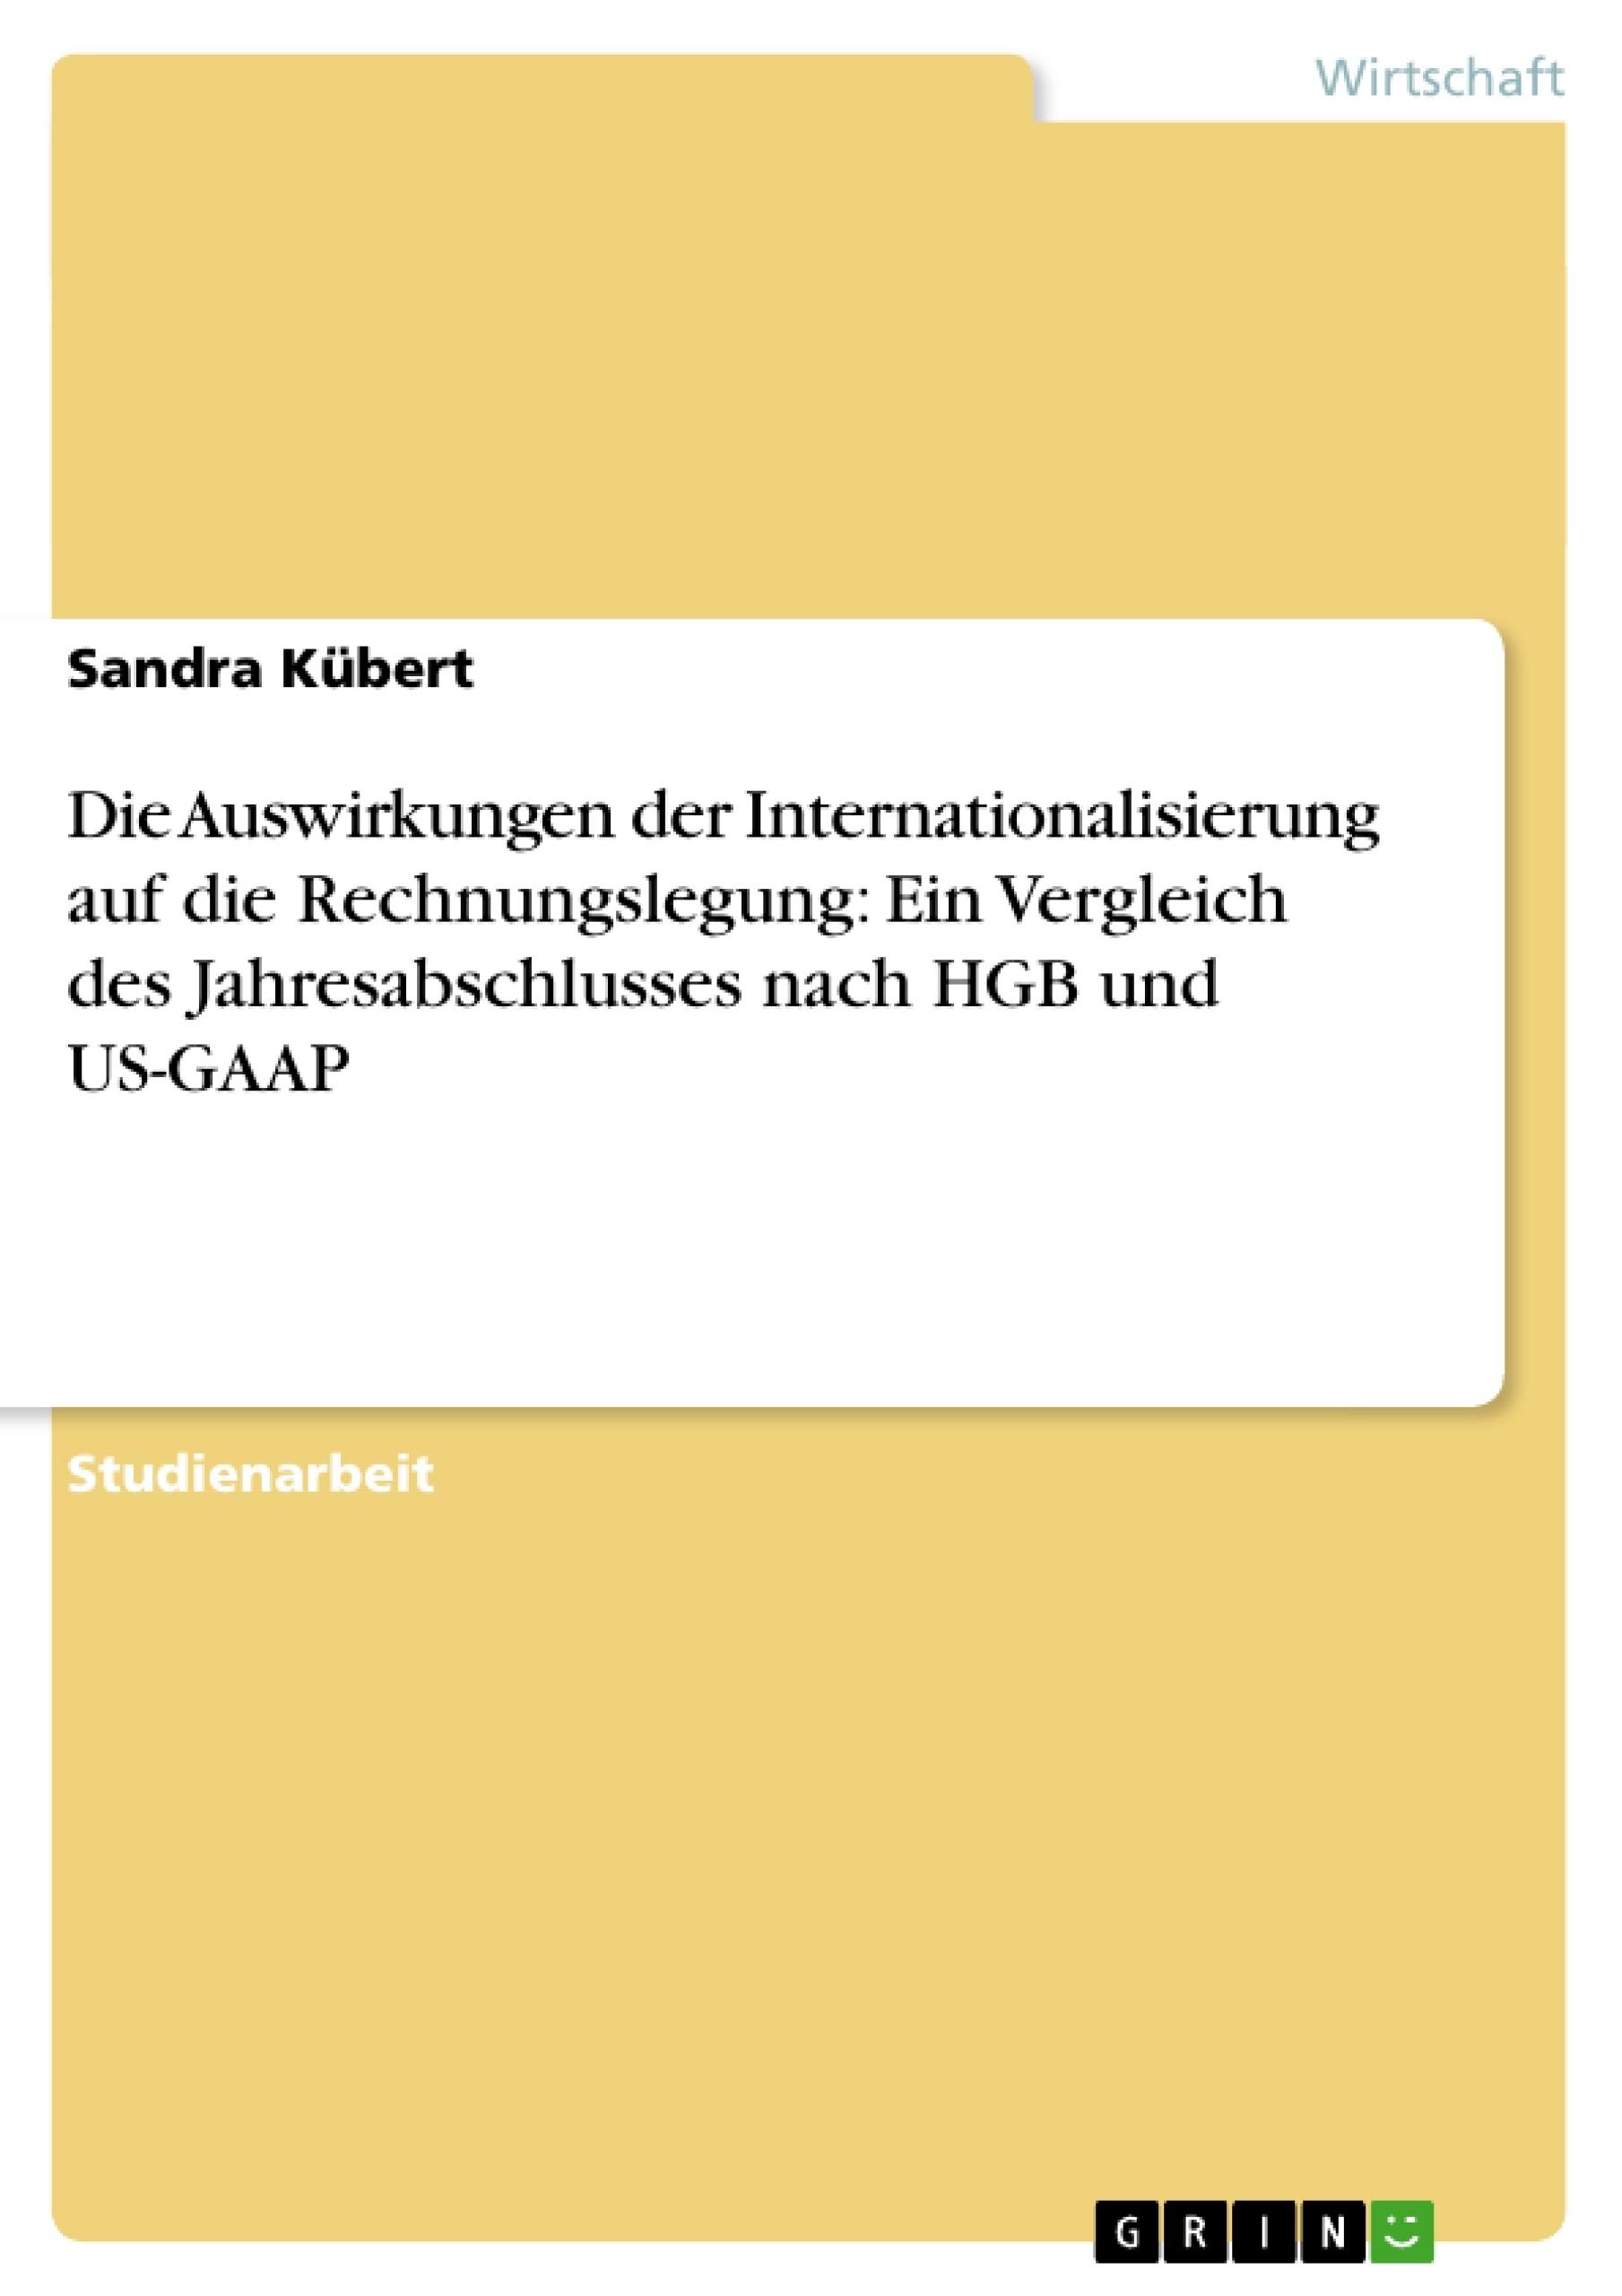 Titel: Die Auswirkungen der Internationalisierung auf die Rechnungslegung: Ein Vergleich des Jahresabschlusses nach HGB und US-GAAP